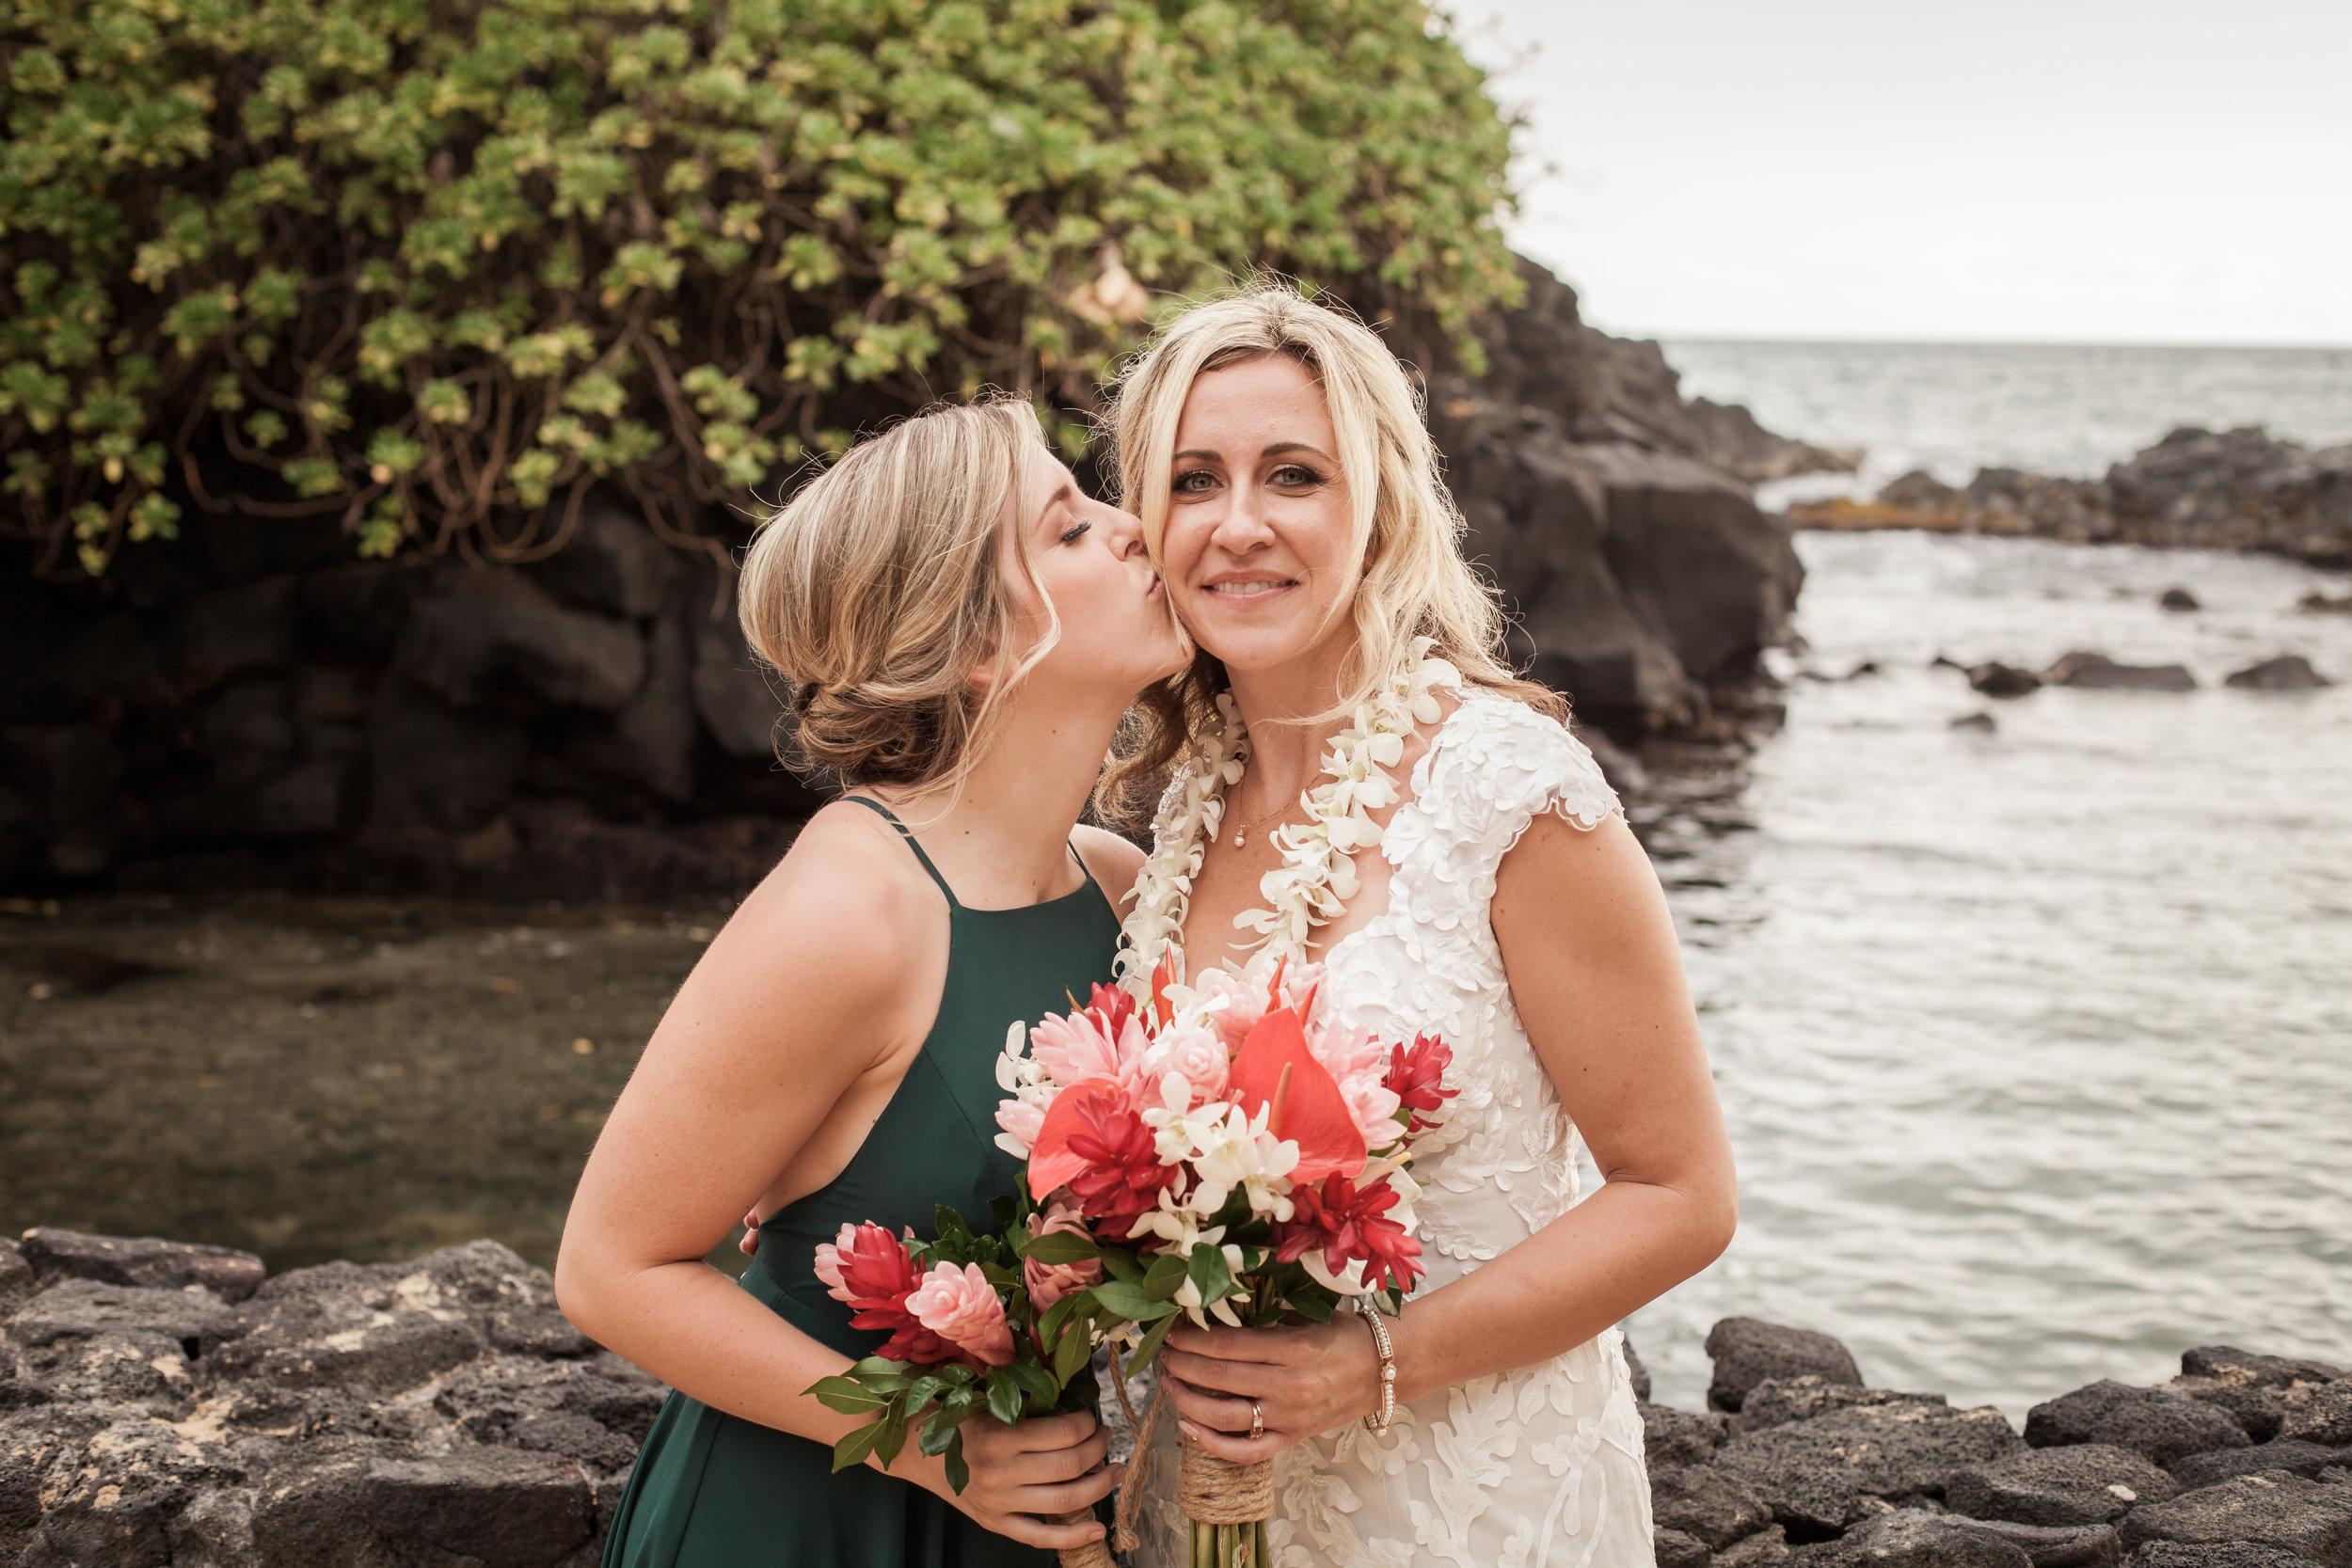 big island hawaii royal kona resort beach wedding © kelilina photography 20170520173316.jpg